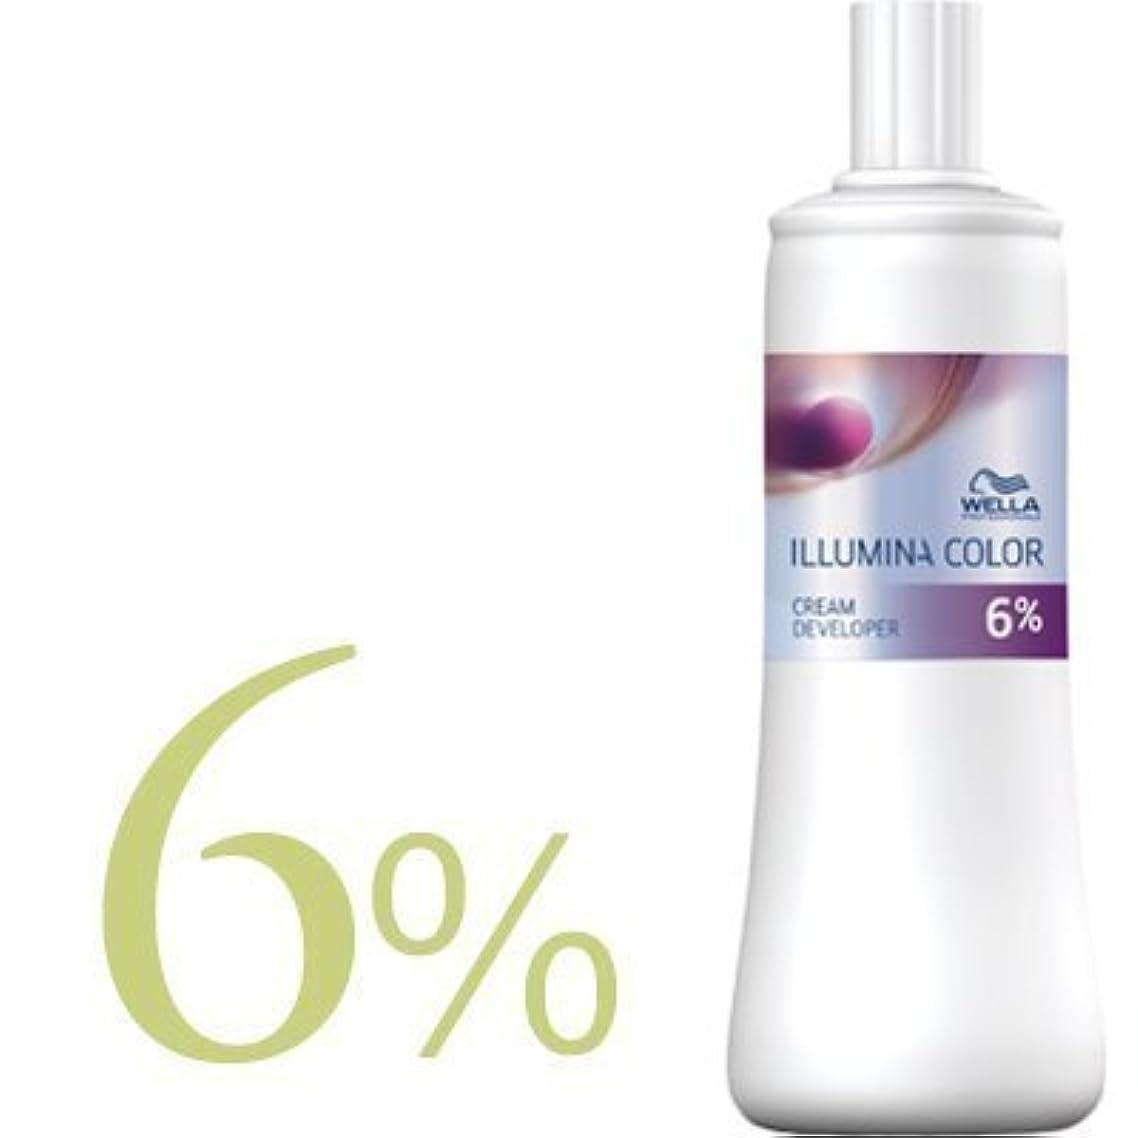 ランドマークにもかかわらずディレクトリウエラ イルミナカラー クリームディベロッパー 2剤 1000ml 【WELLA】(6%)